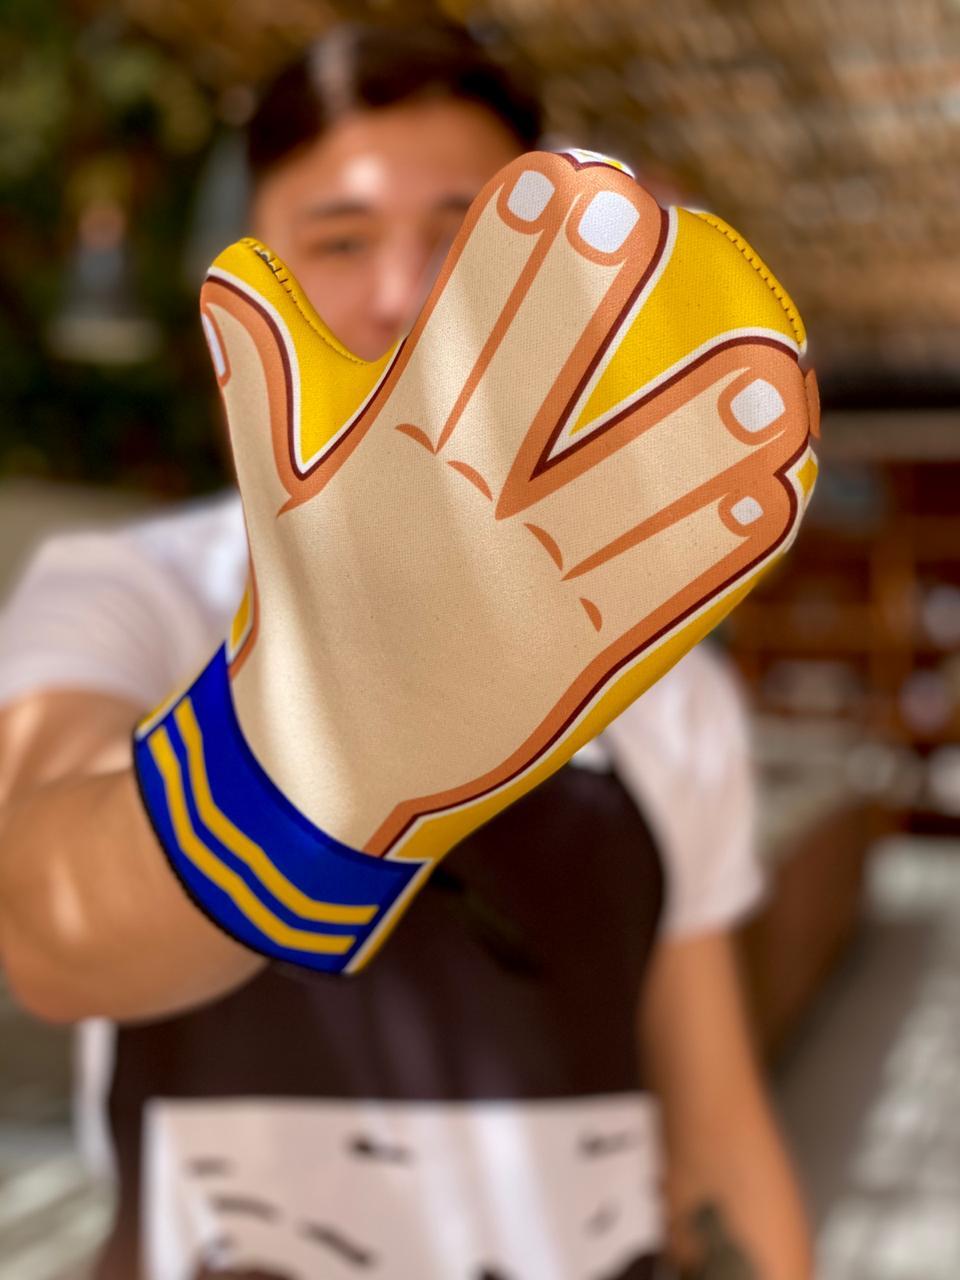 Luva de Forno/Cozinha: Spock